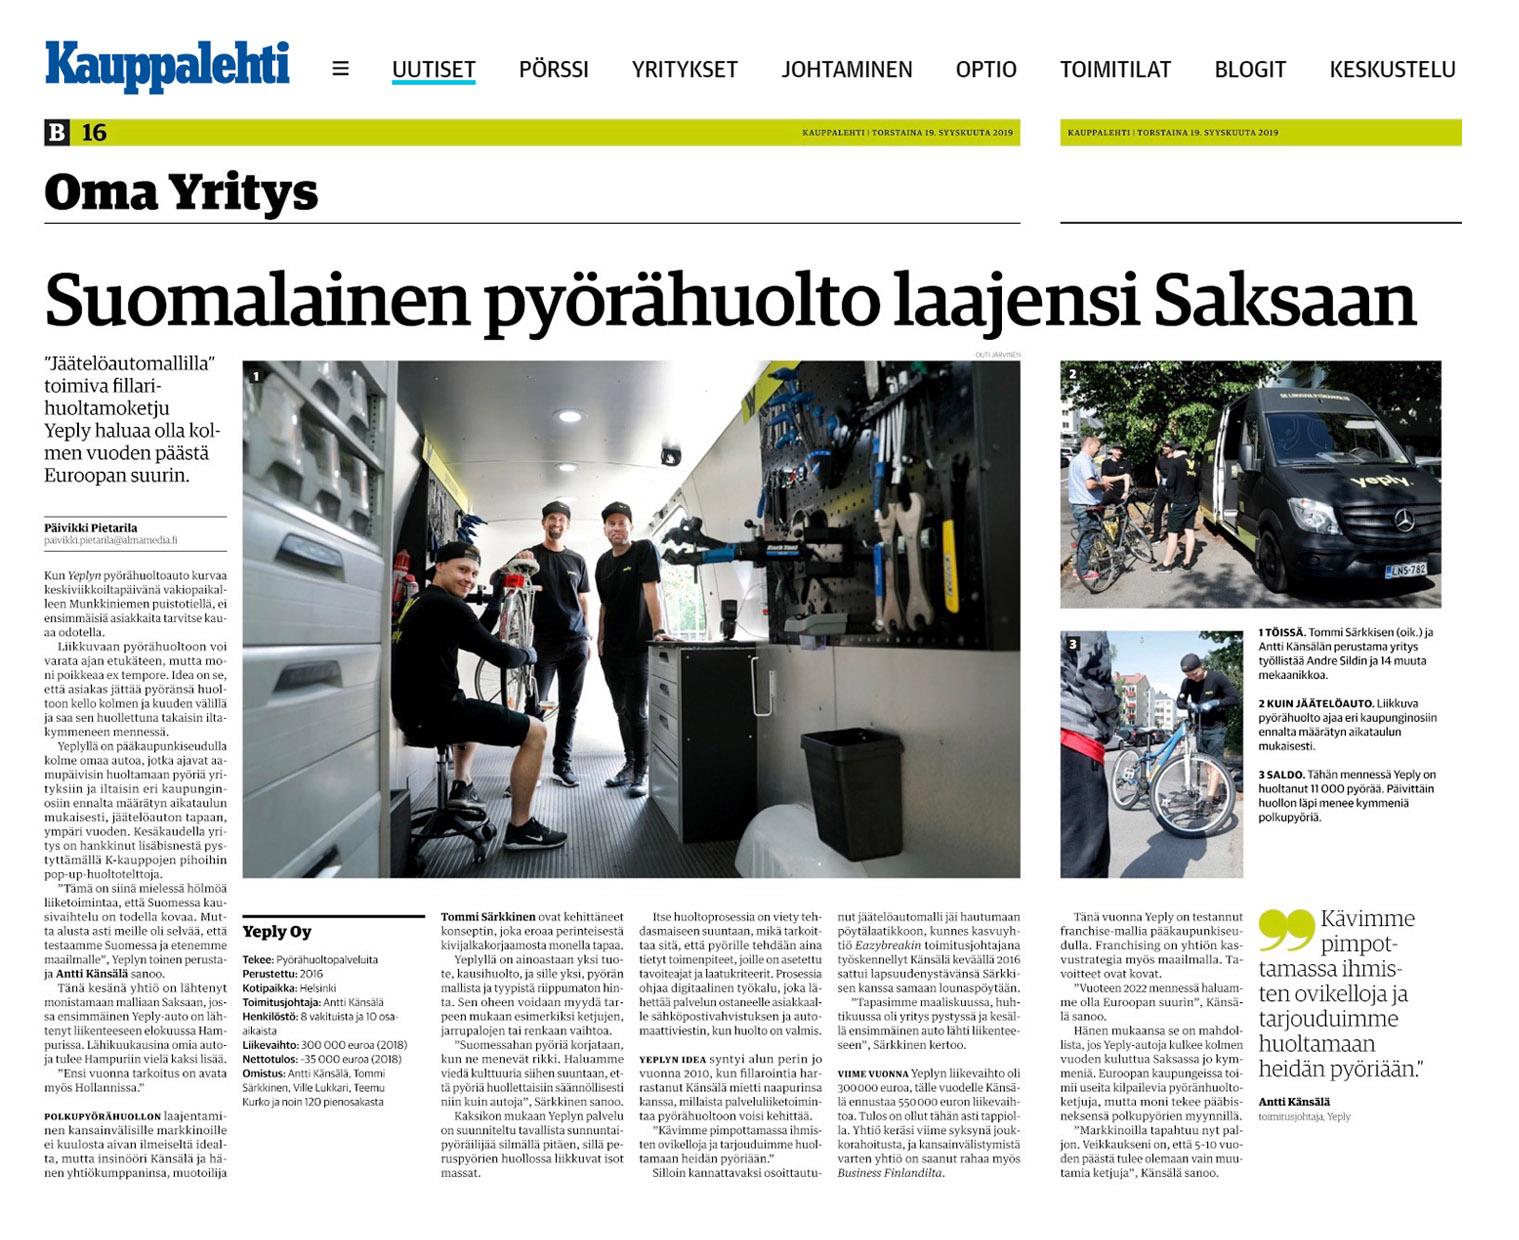 Kauppalehti article